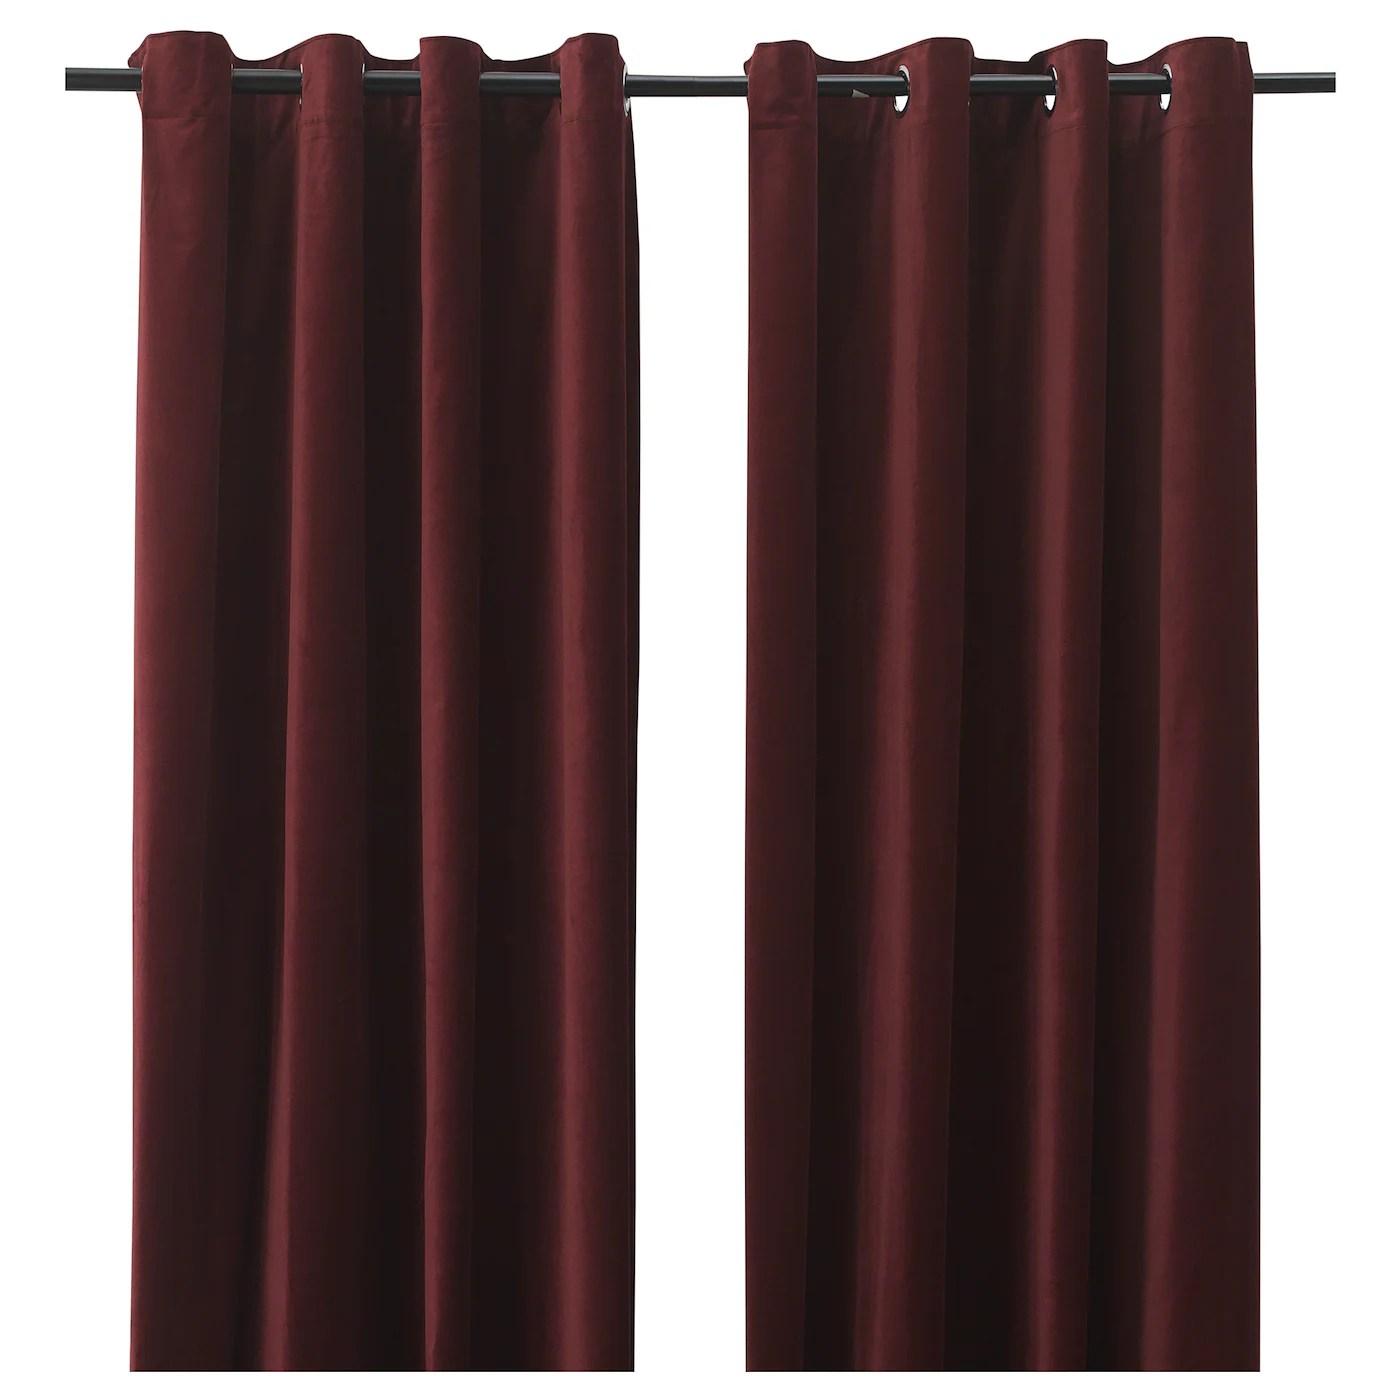 sanela rideaux 2 pieces rouge fonce avec oeillets 140x300 cm